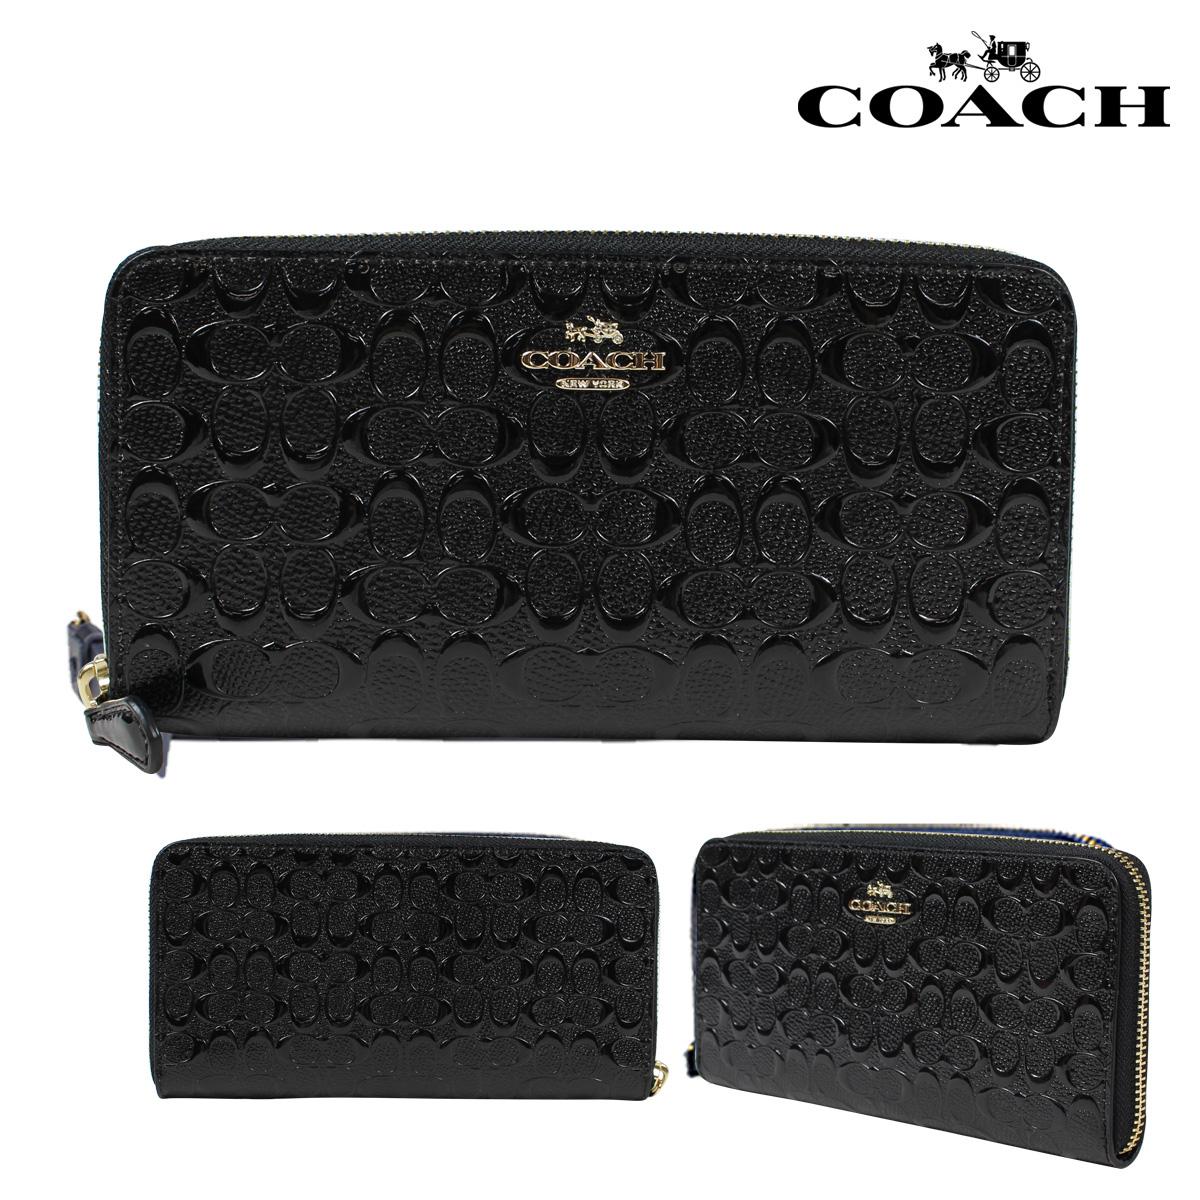 COACH F54805 コーチ 財布 長財布 レディース ラウンドファスナー レザー シグネチャー ブラック